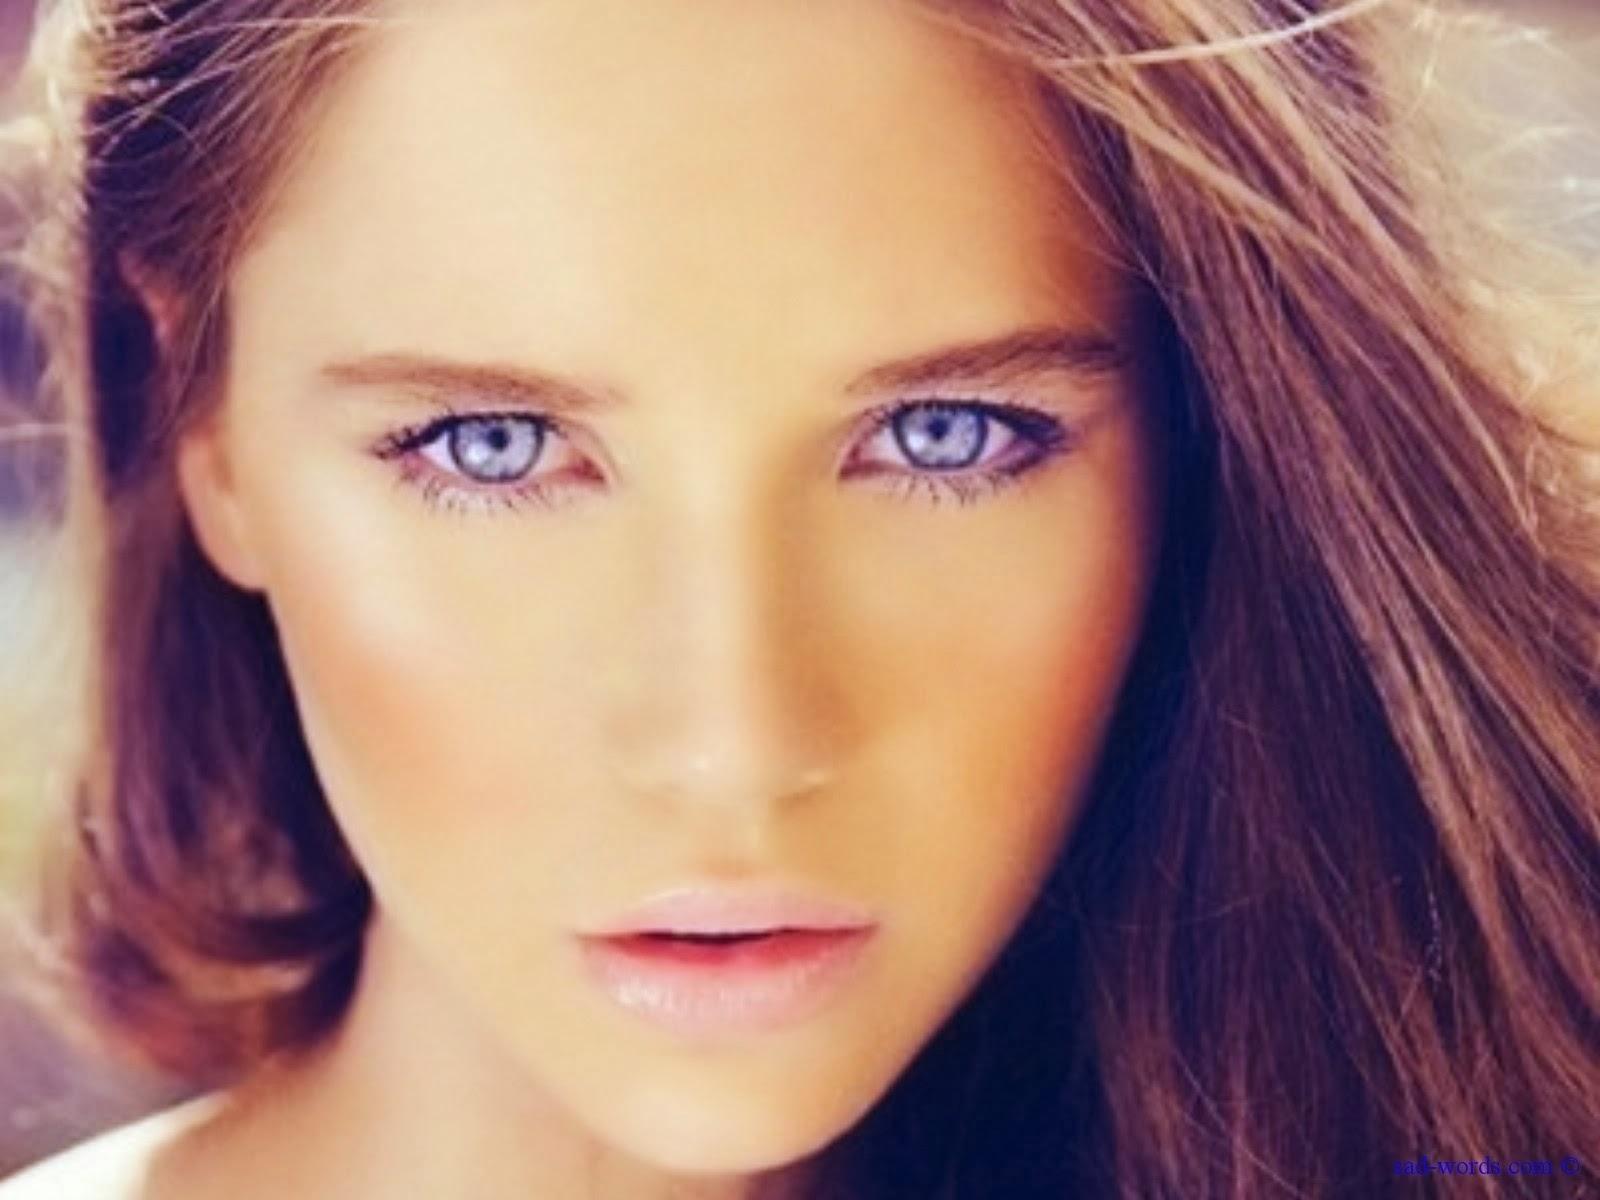 بالصور عيون زرقاء , صور لاجمل العيون الملونة 3586 3